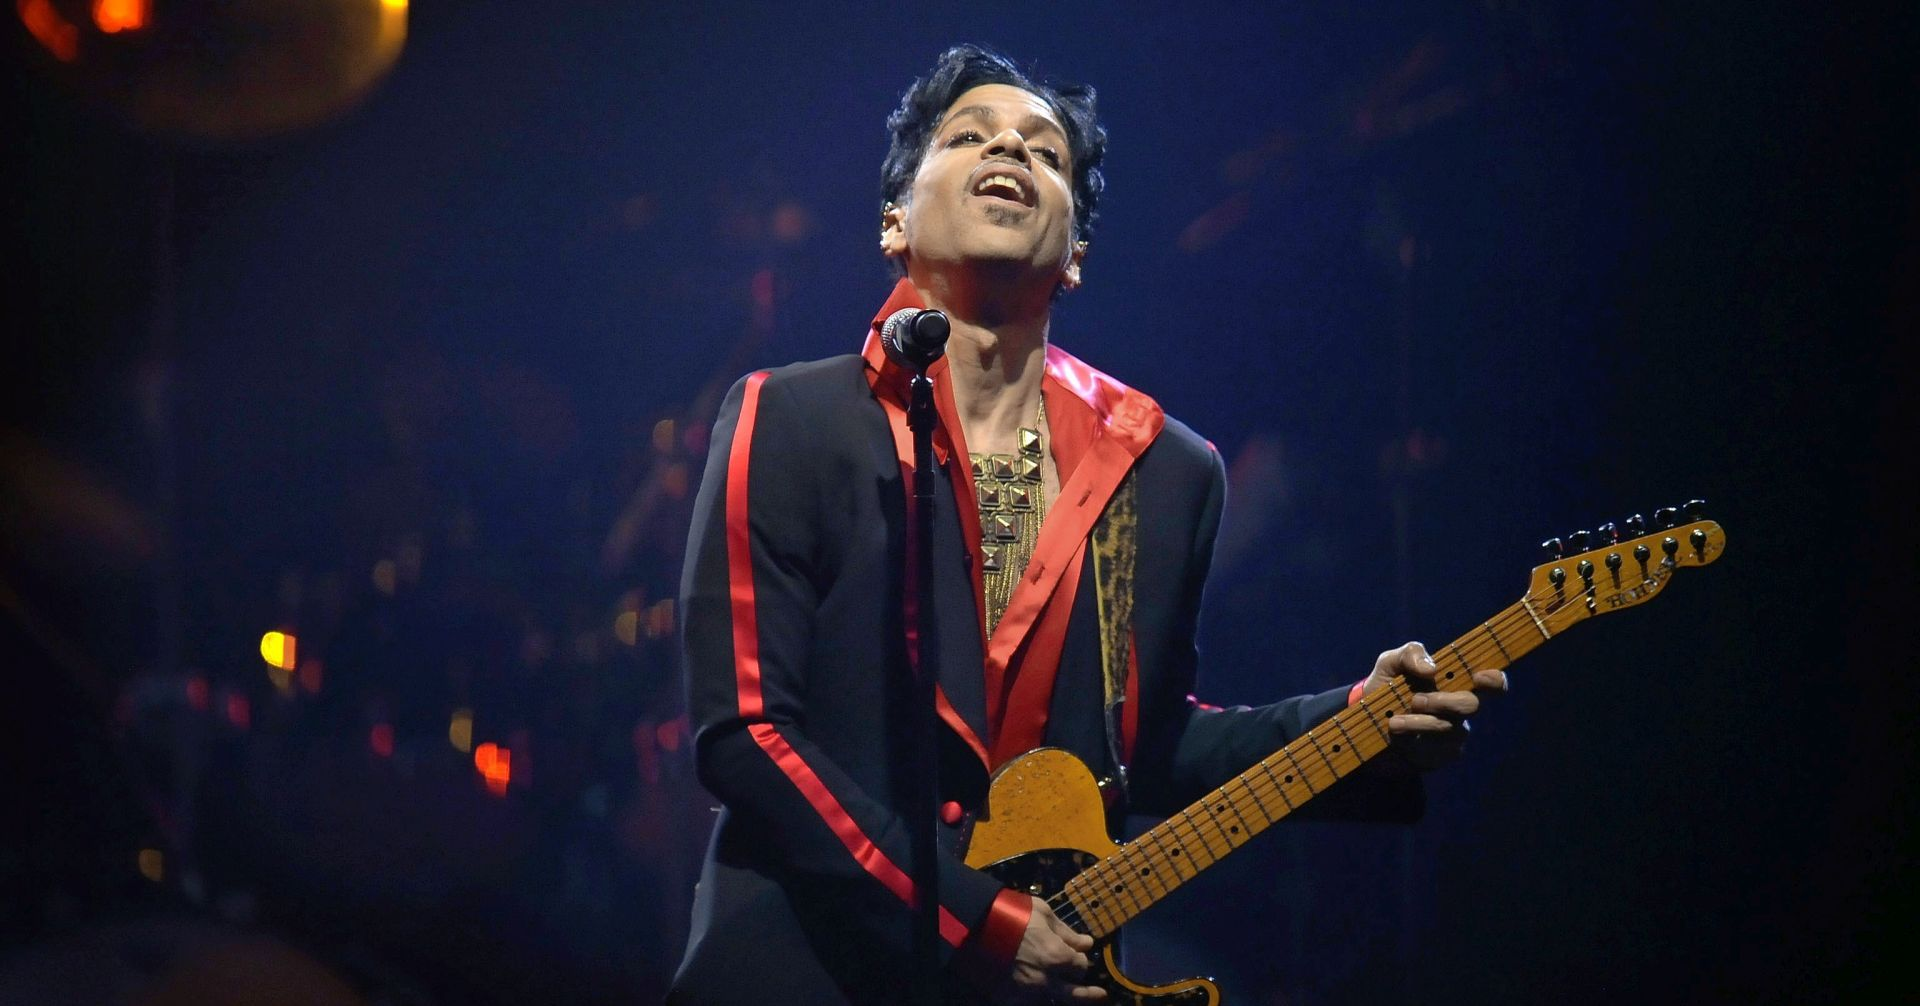 AUKCIJA U SAD-U Prodana najdraža gitara Princea i uvojak kose Davida Bowieja